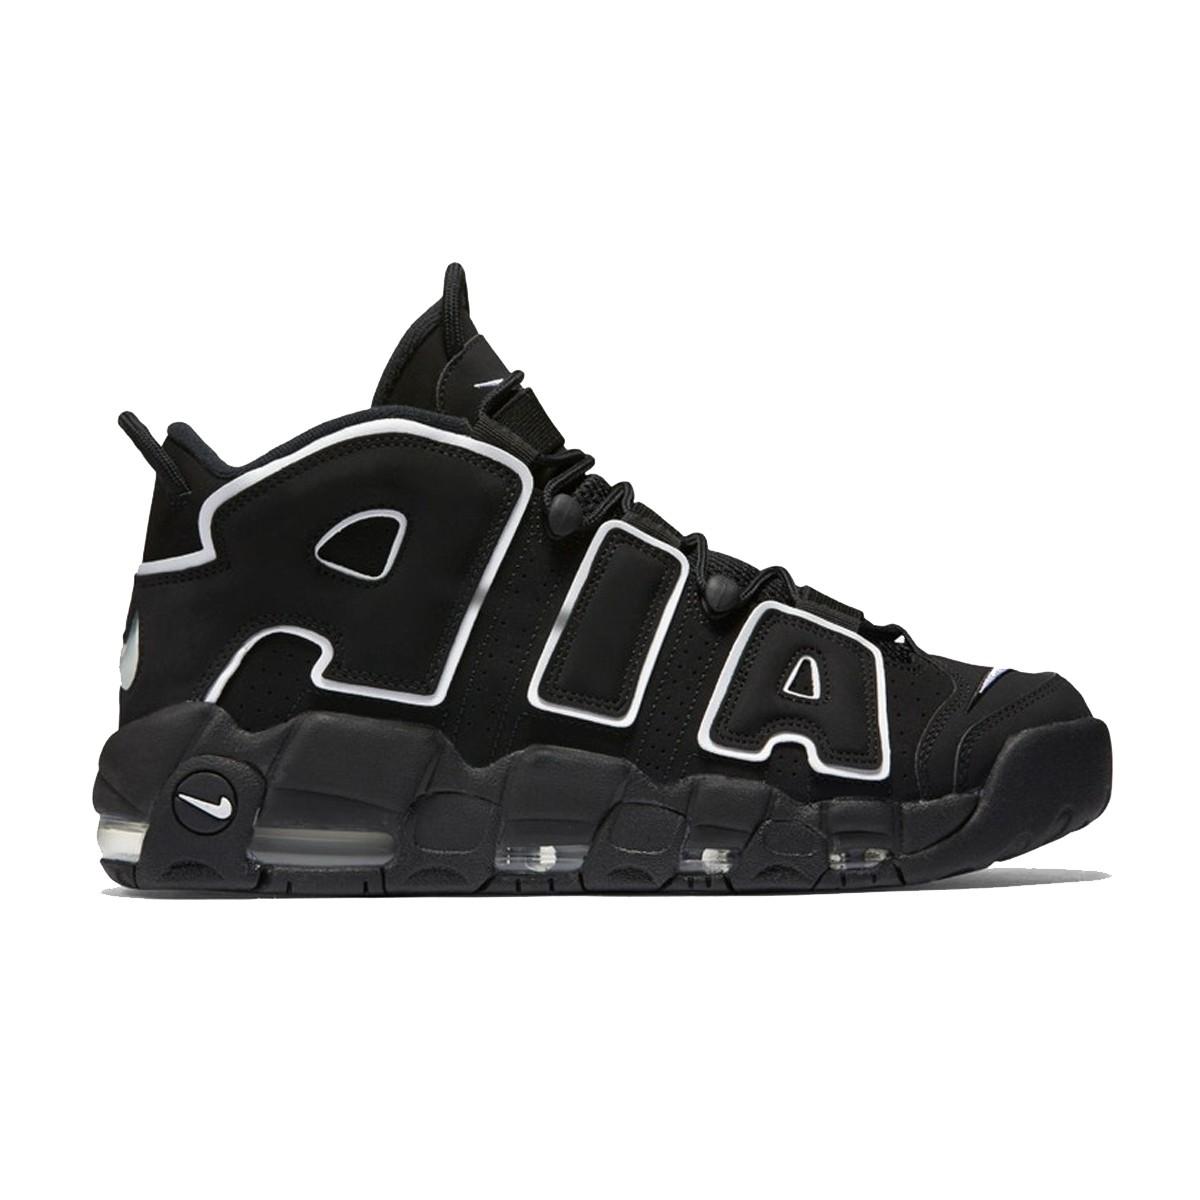 Nike Air More Uptempo OG 'Black'